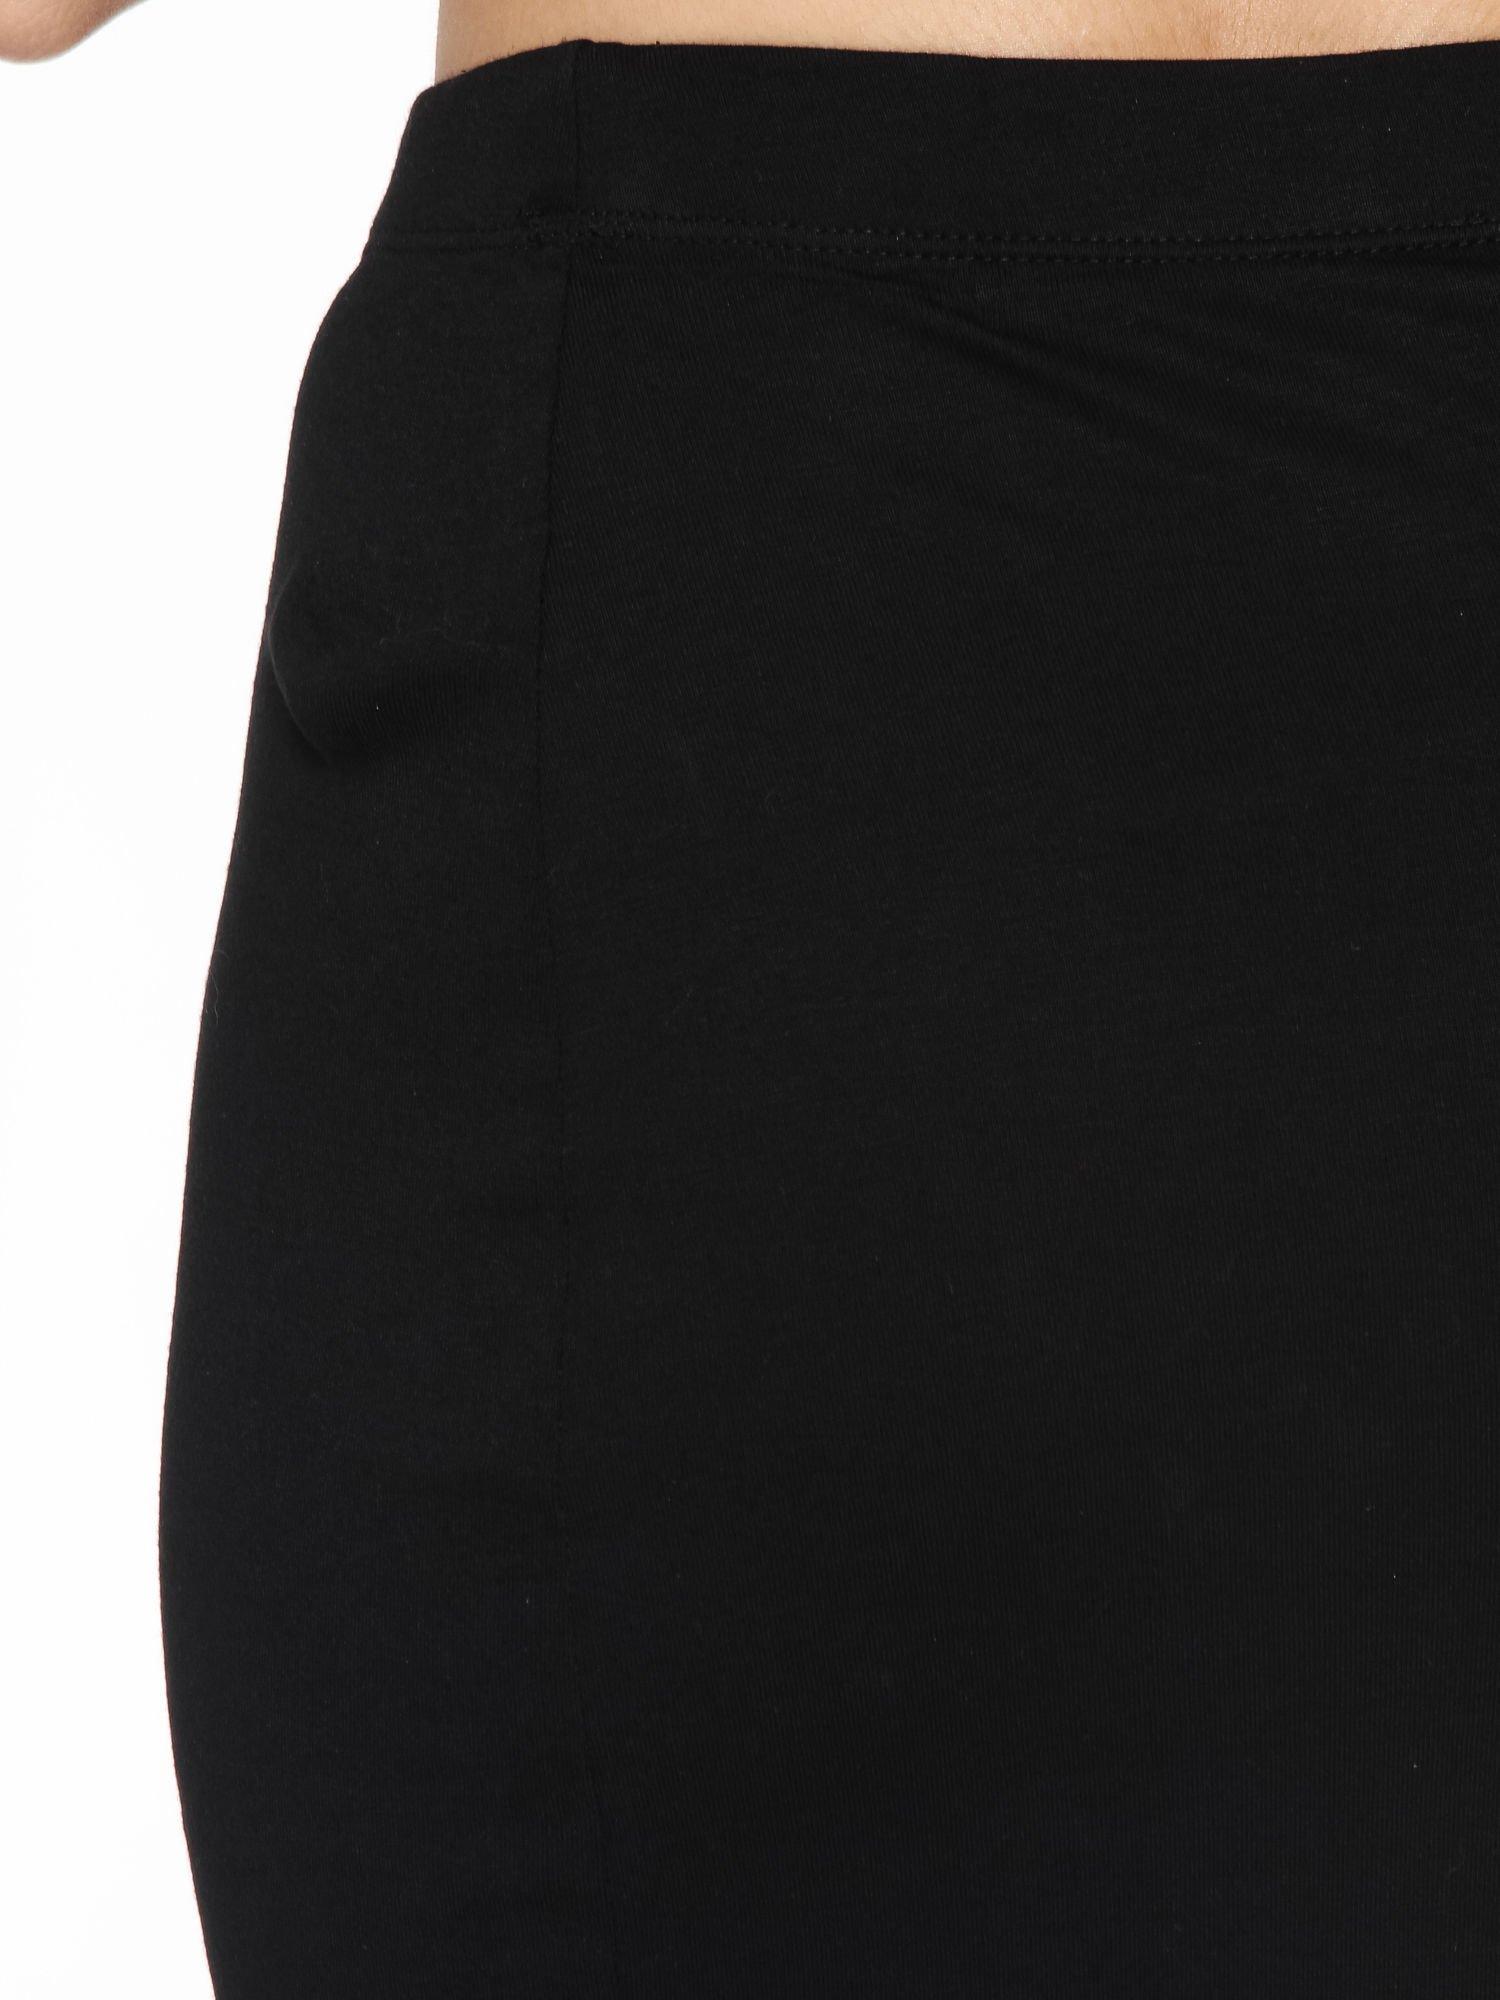 Czarna spódnica maxi z dużym rozcięciem z przodu                                  zdj.                                  6